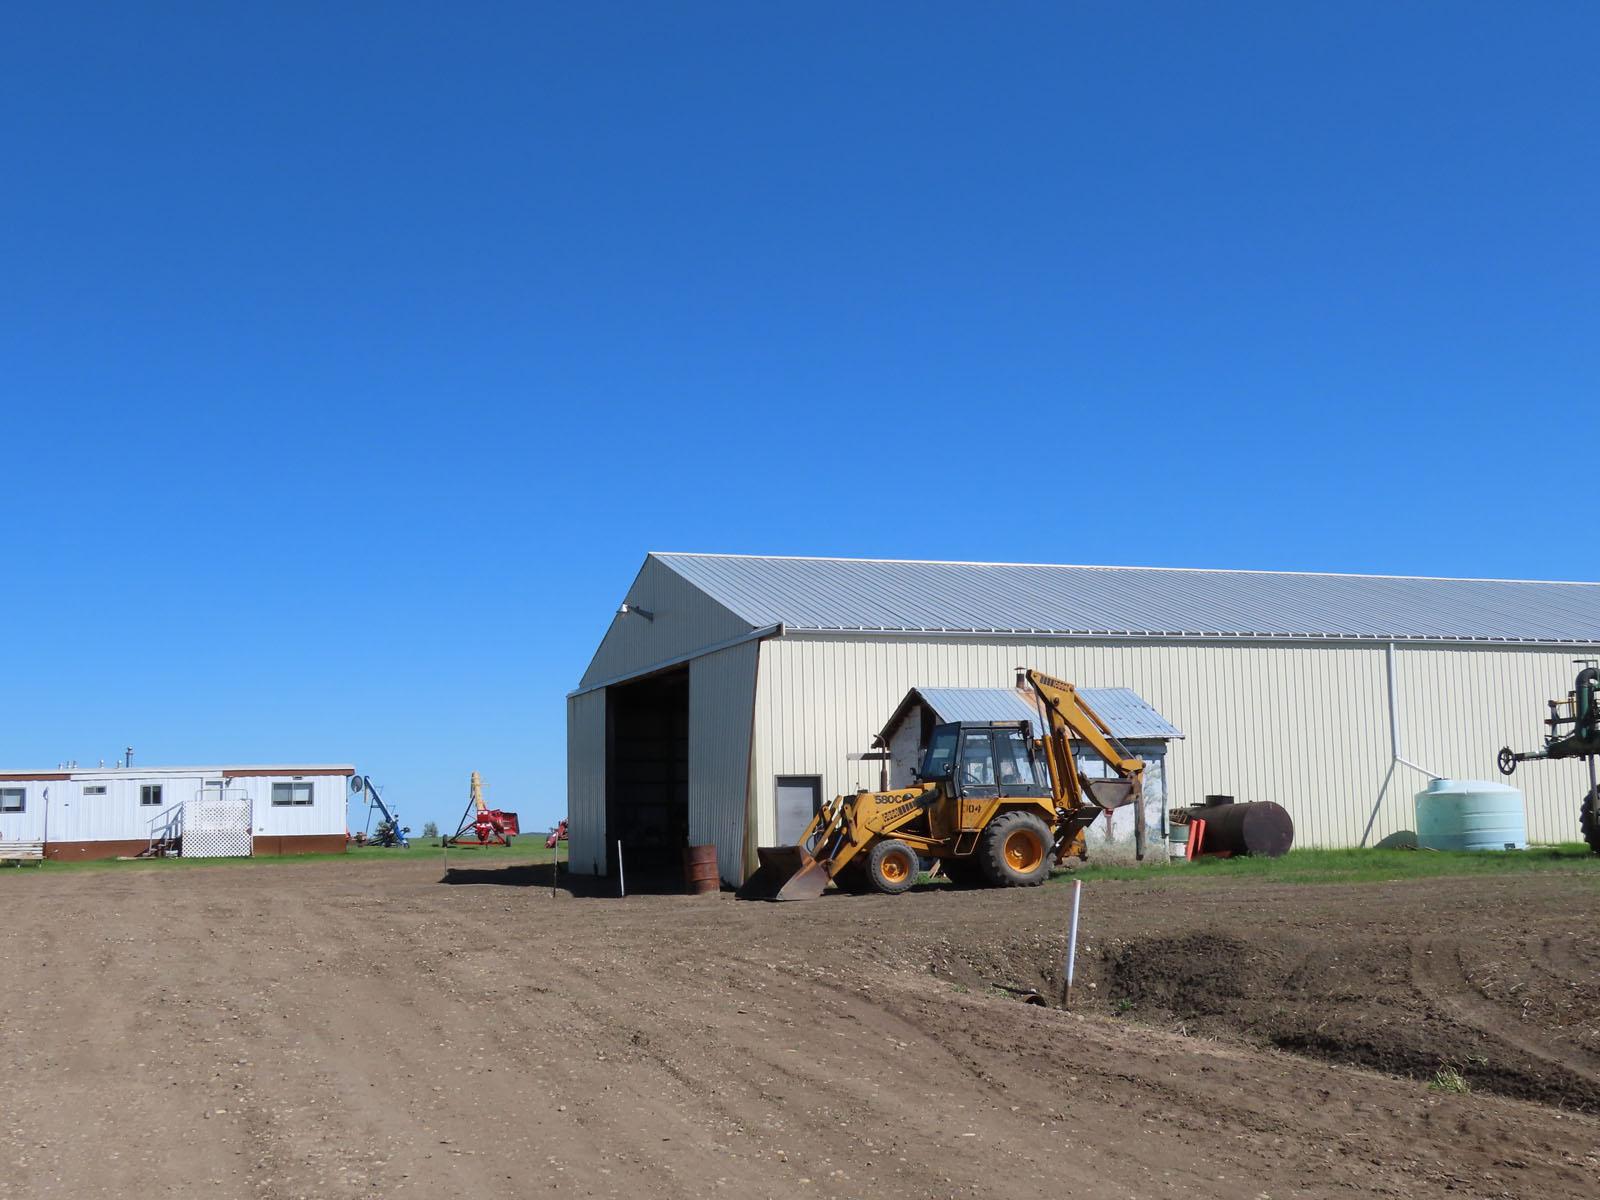 Fort st john grain farm 045